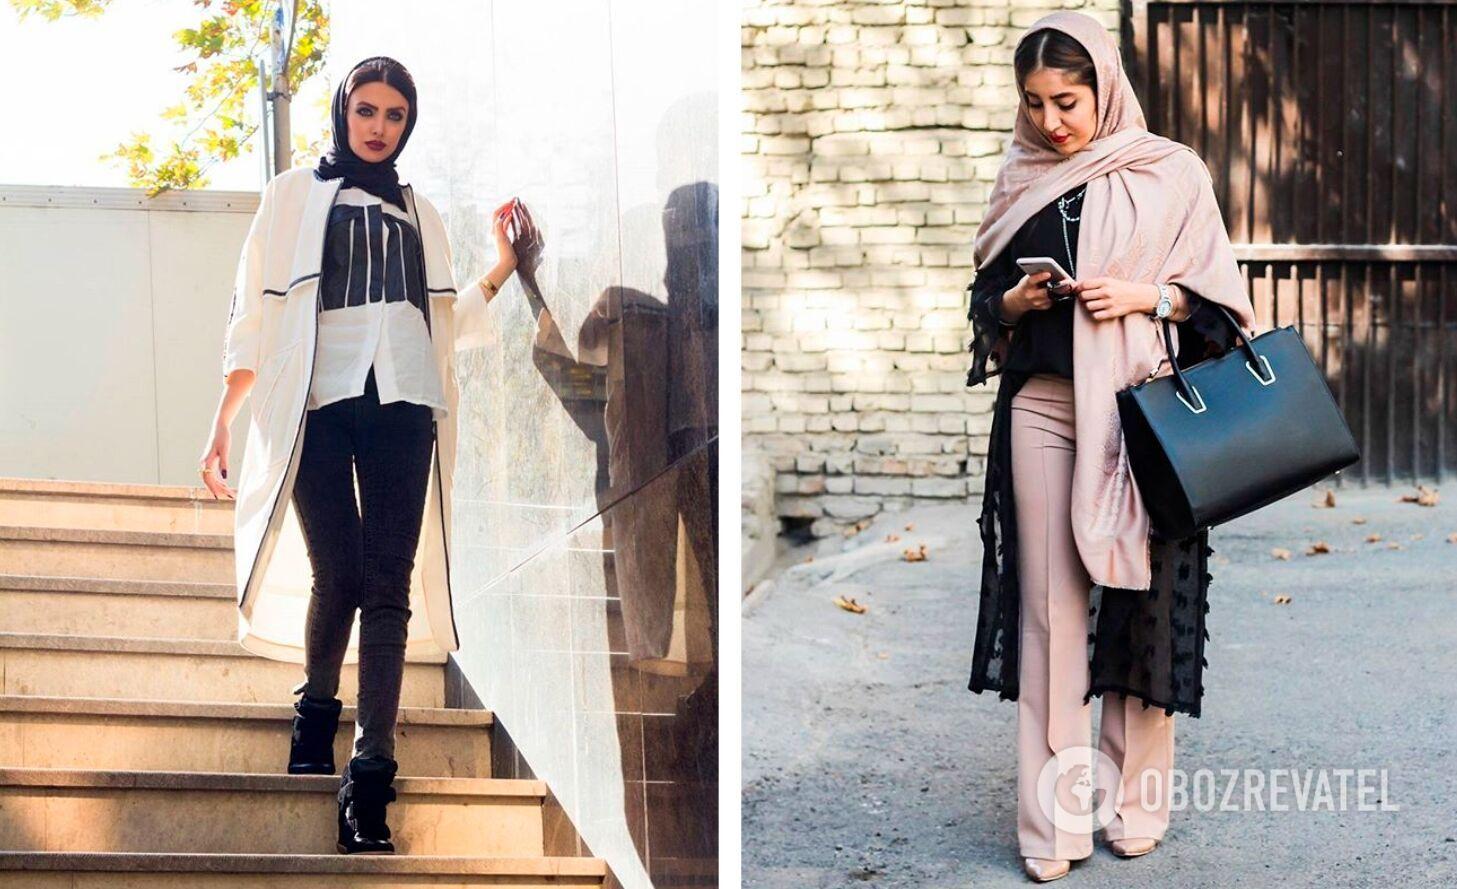 В Ірані жінка повинна перебувати на вулиці в довгих штанах або лосинах